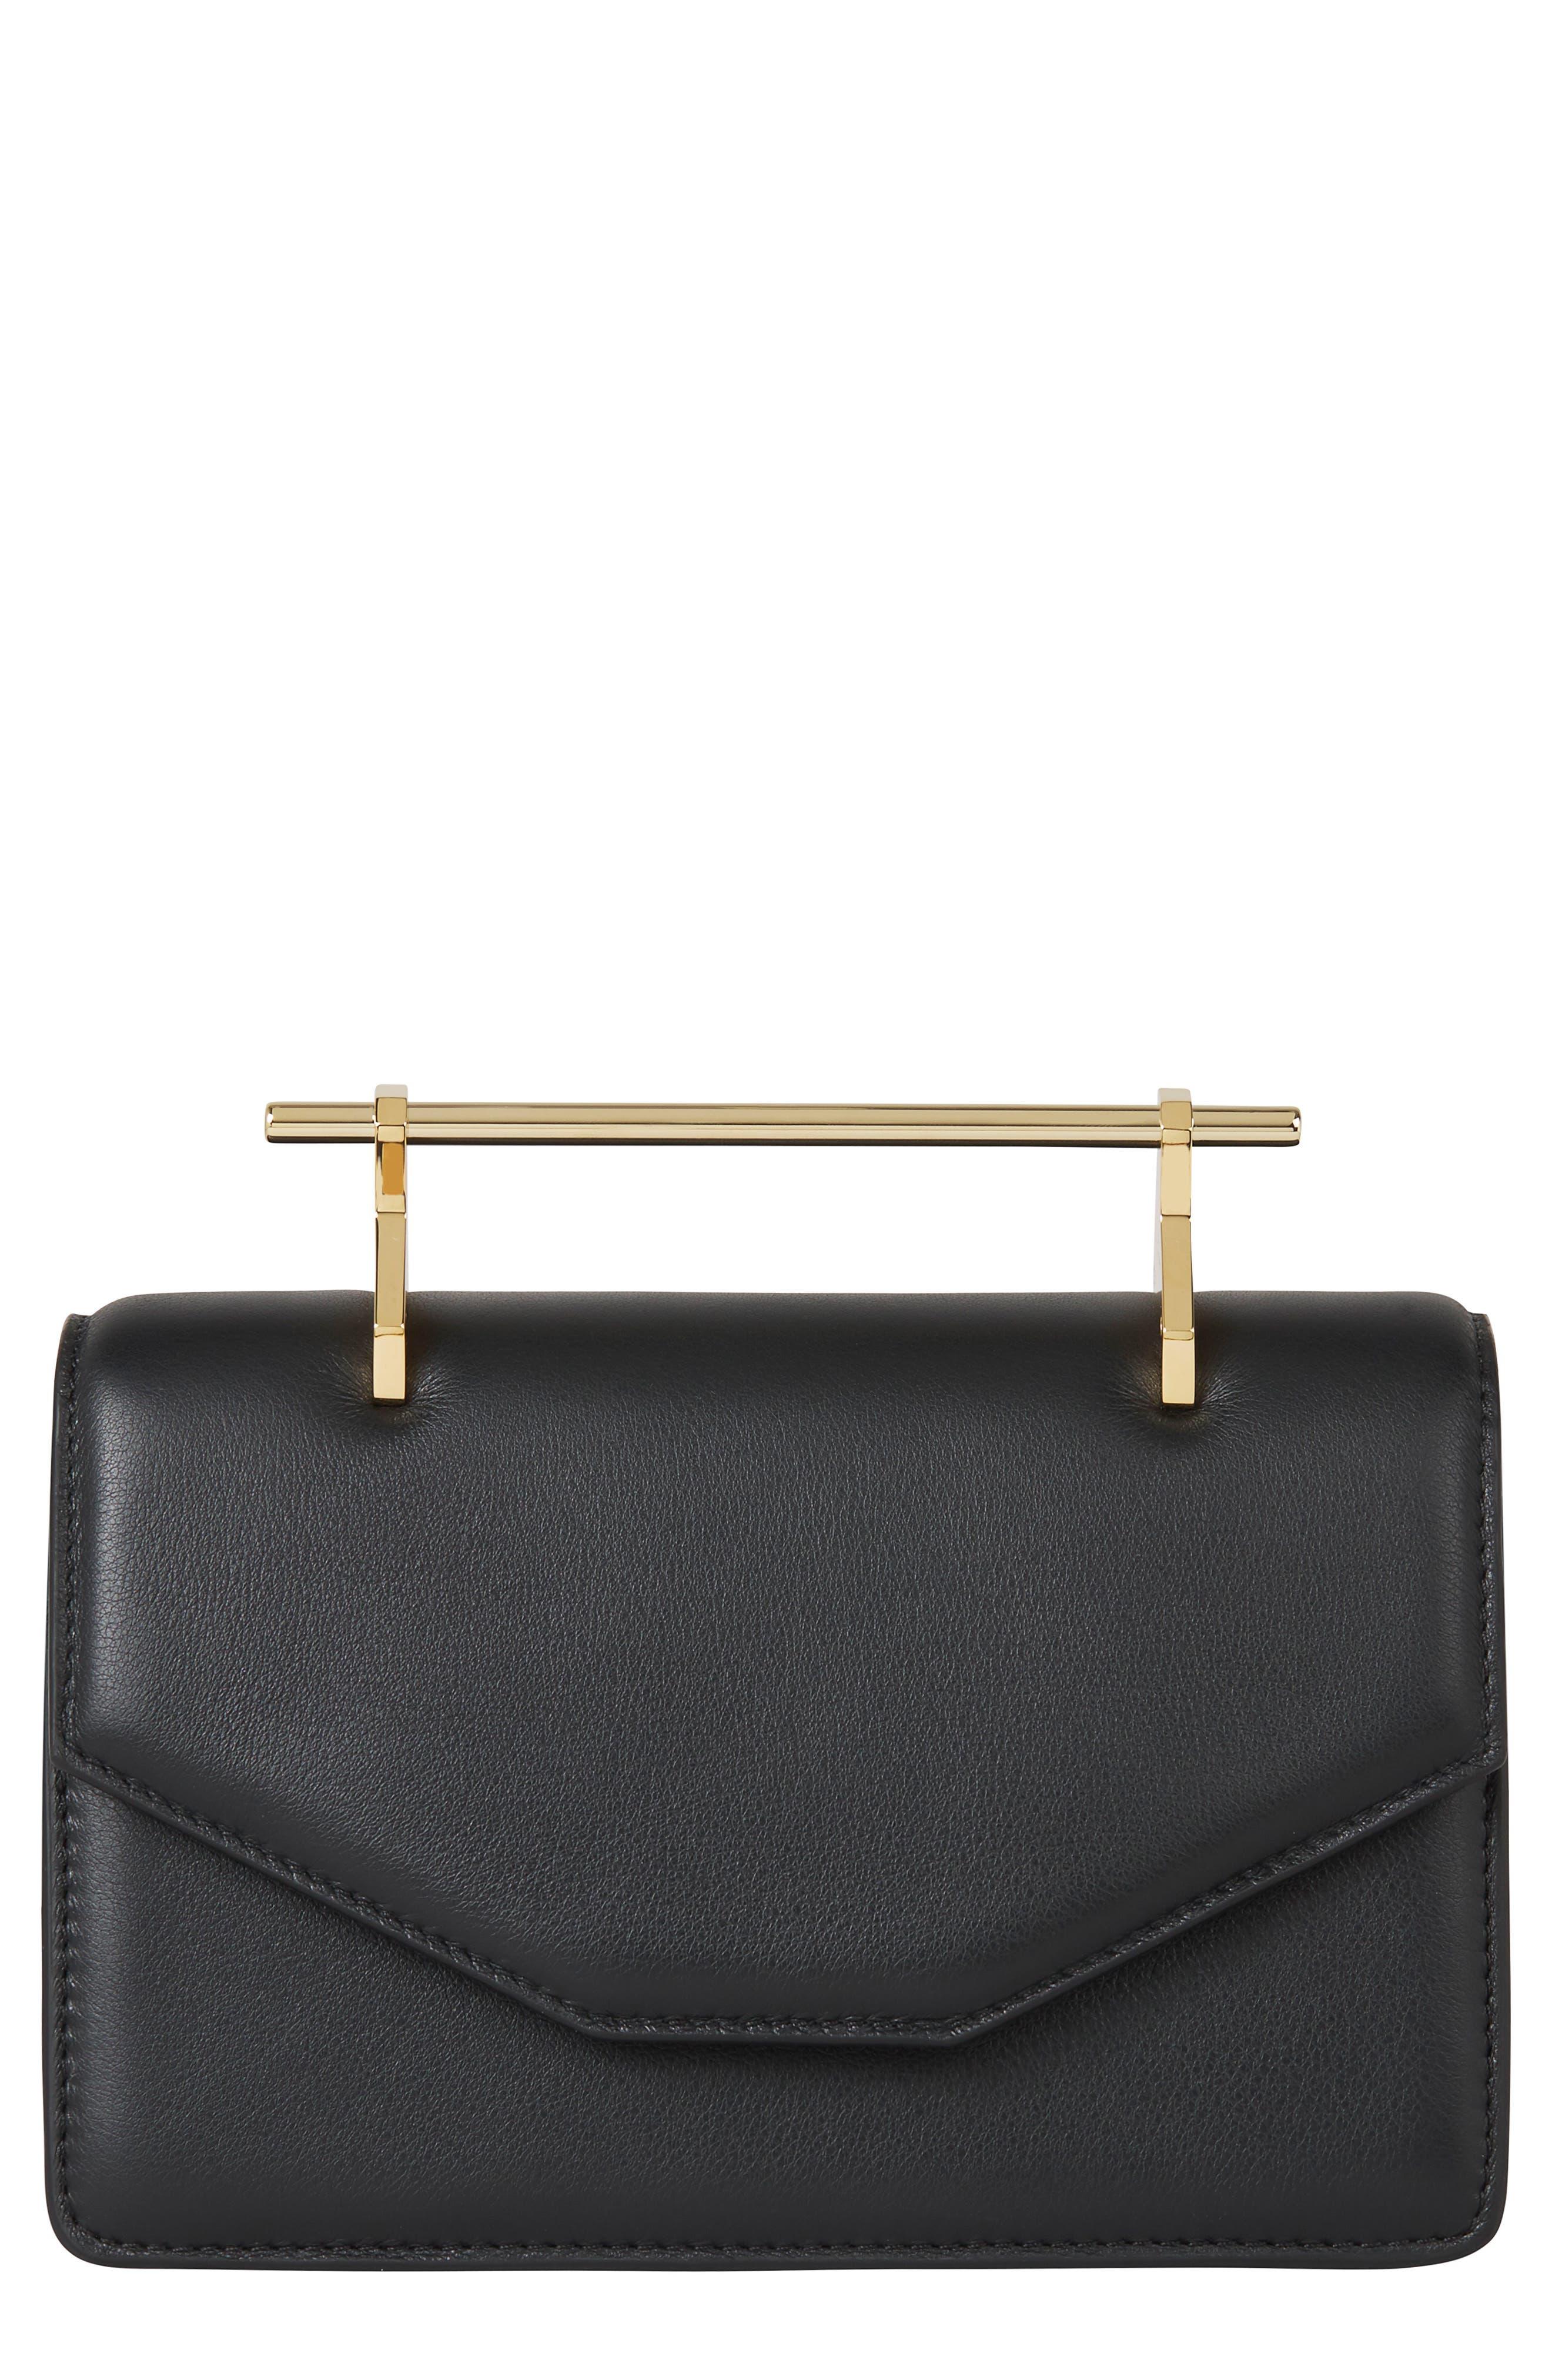 Indre Leather Shoulder Bag,                             Main thumbnail 1, color,                             Black/ Gold